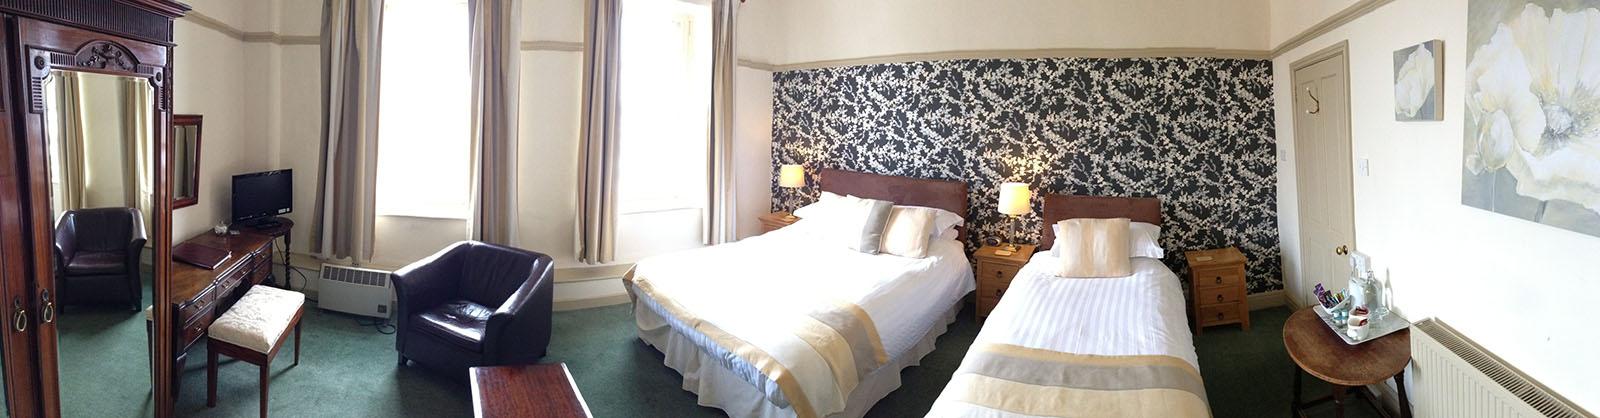 Bedroom 4 at Castle Hotel in Bishops Castle Shropshire